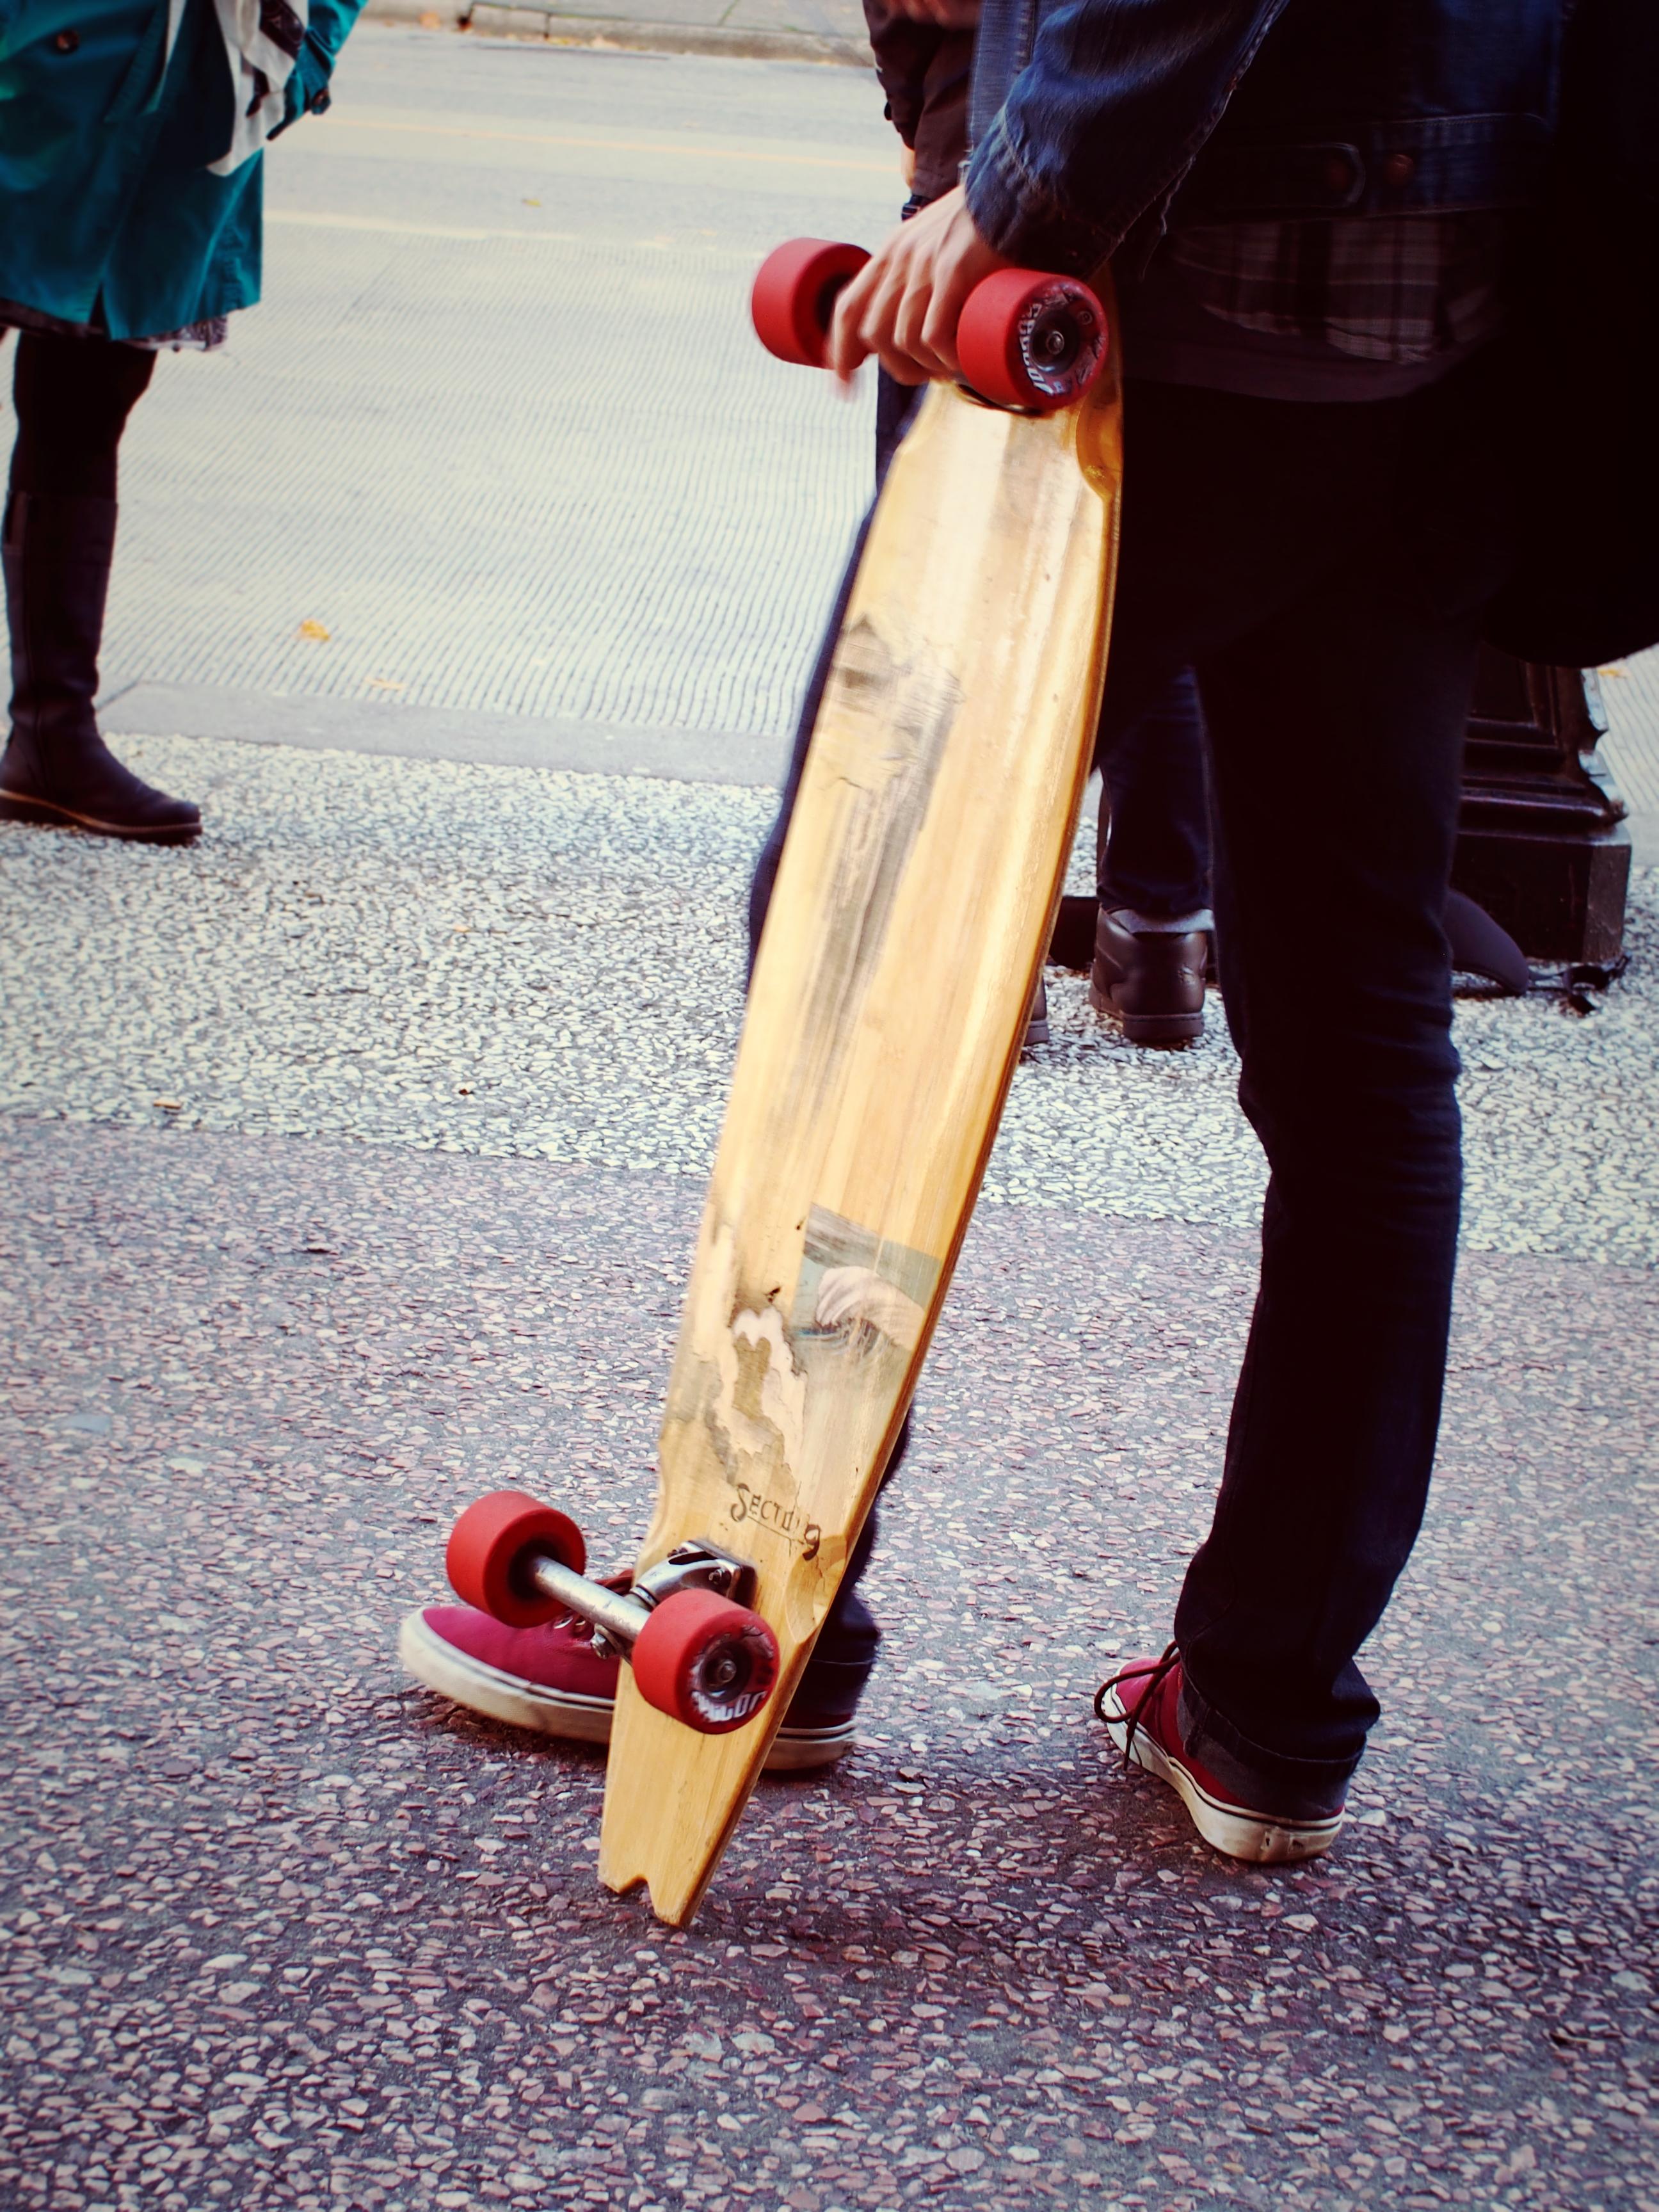 квартале картинки одежда для скейтеров поможет быстро бесплатно